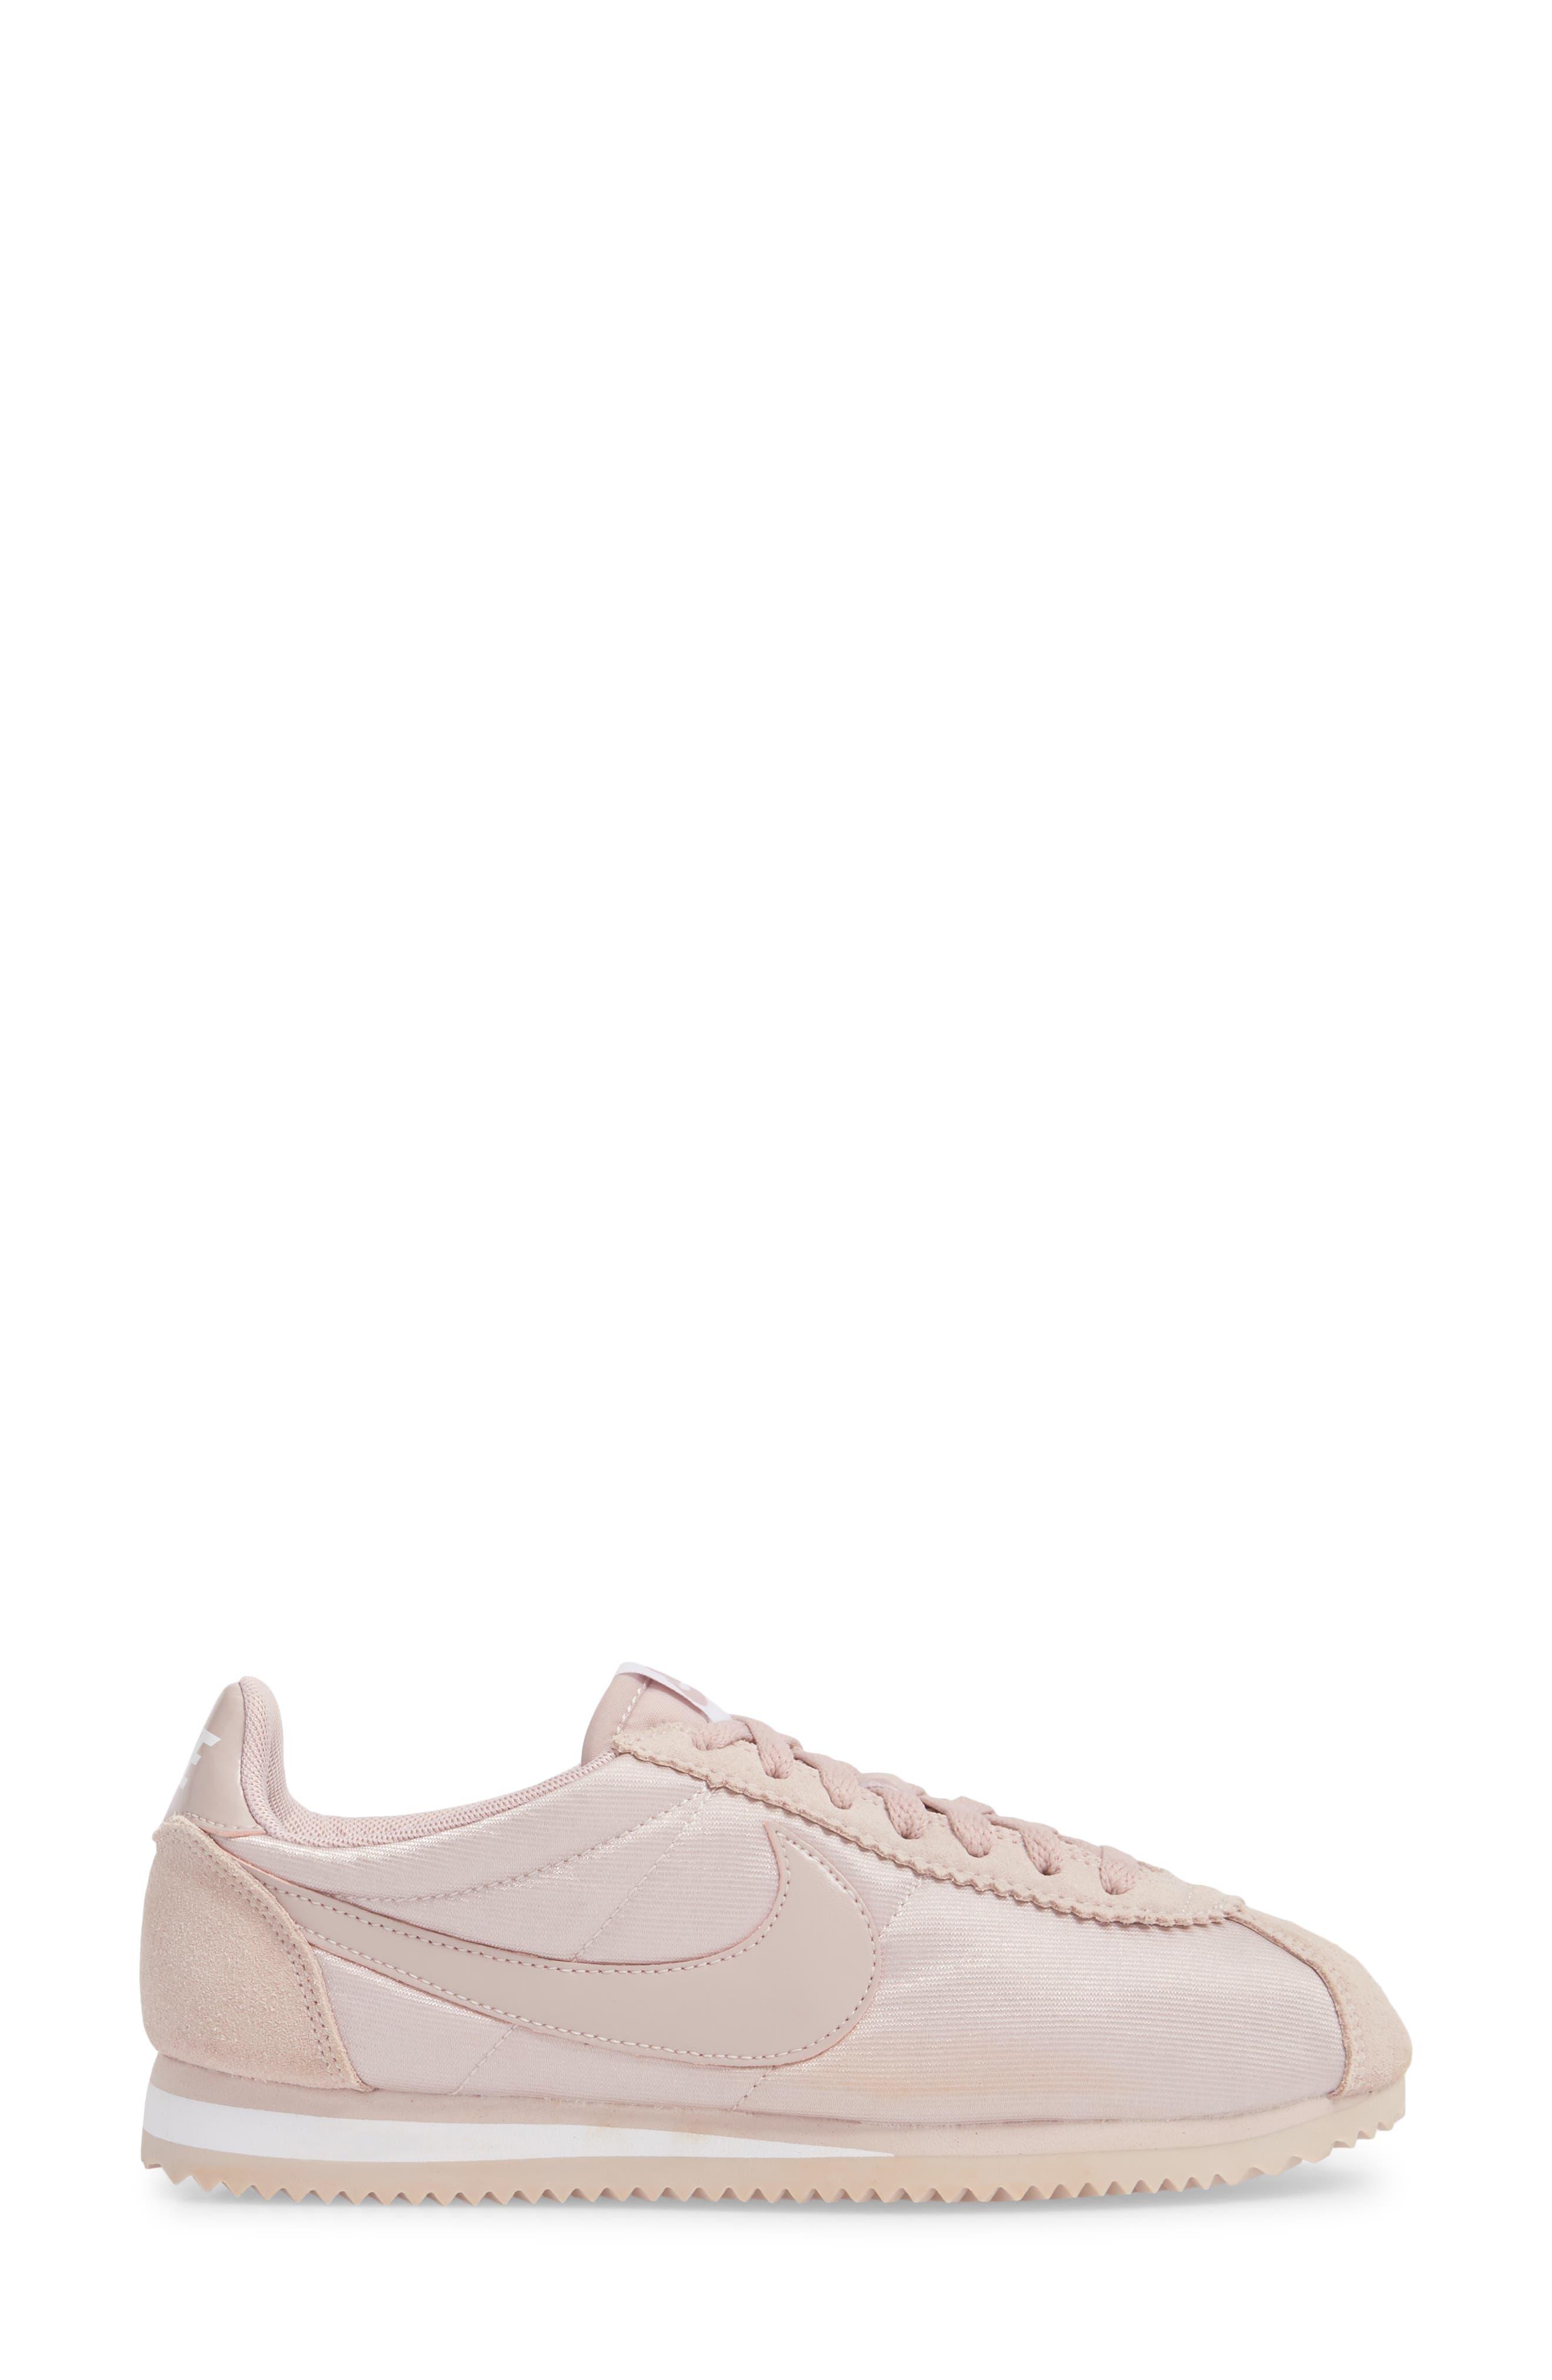 'Classic Cortez' Sneaker,                             Alternate thumbnail 3, color,                             Particle Rose/ Particle Rose